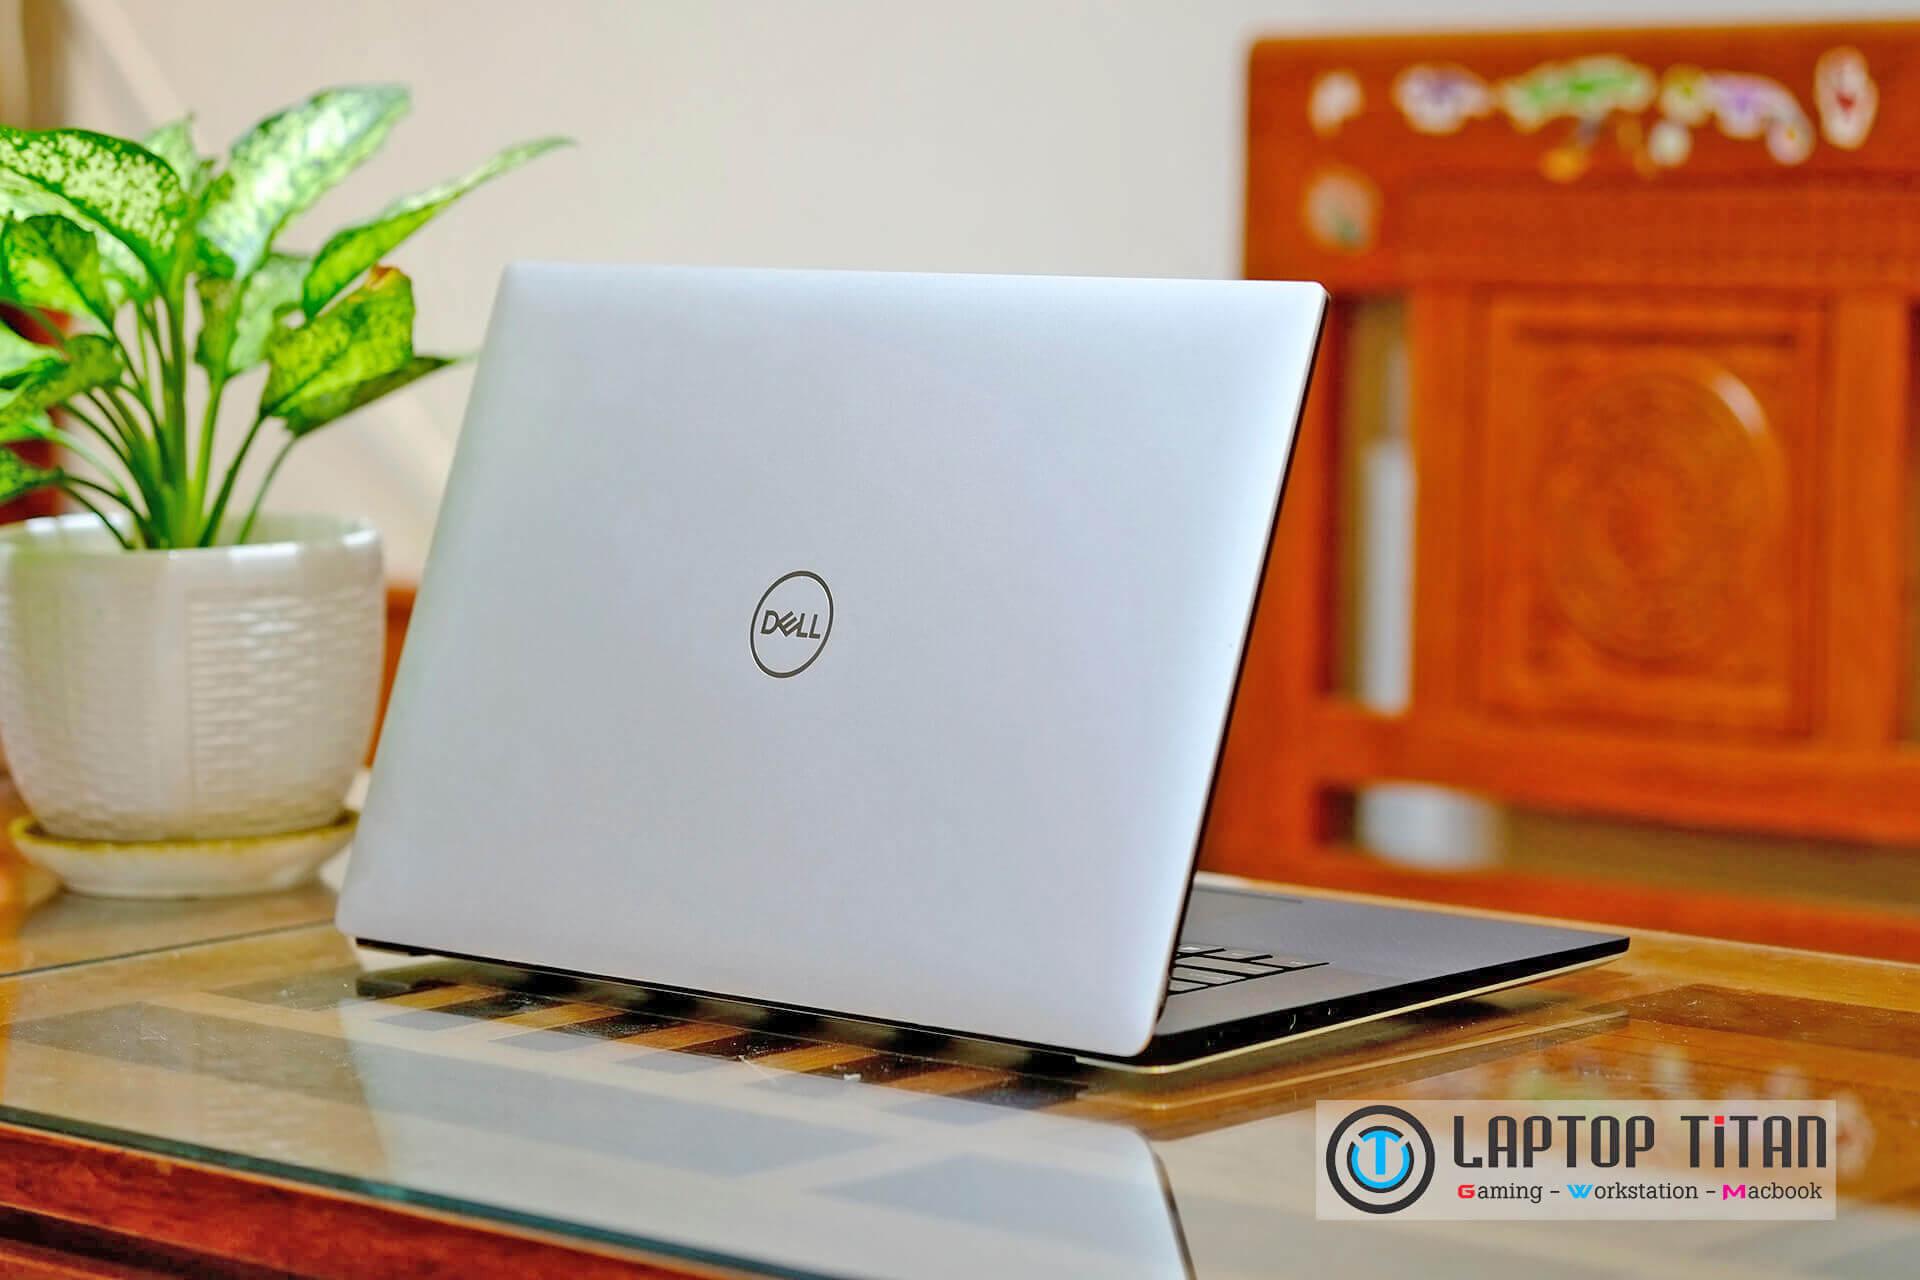 Dell Xps 15 9570 Laptoptitan 08